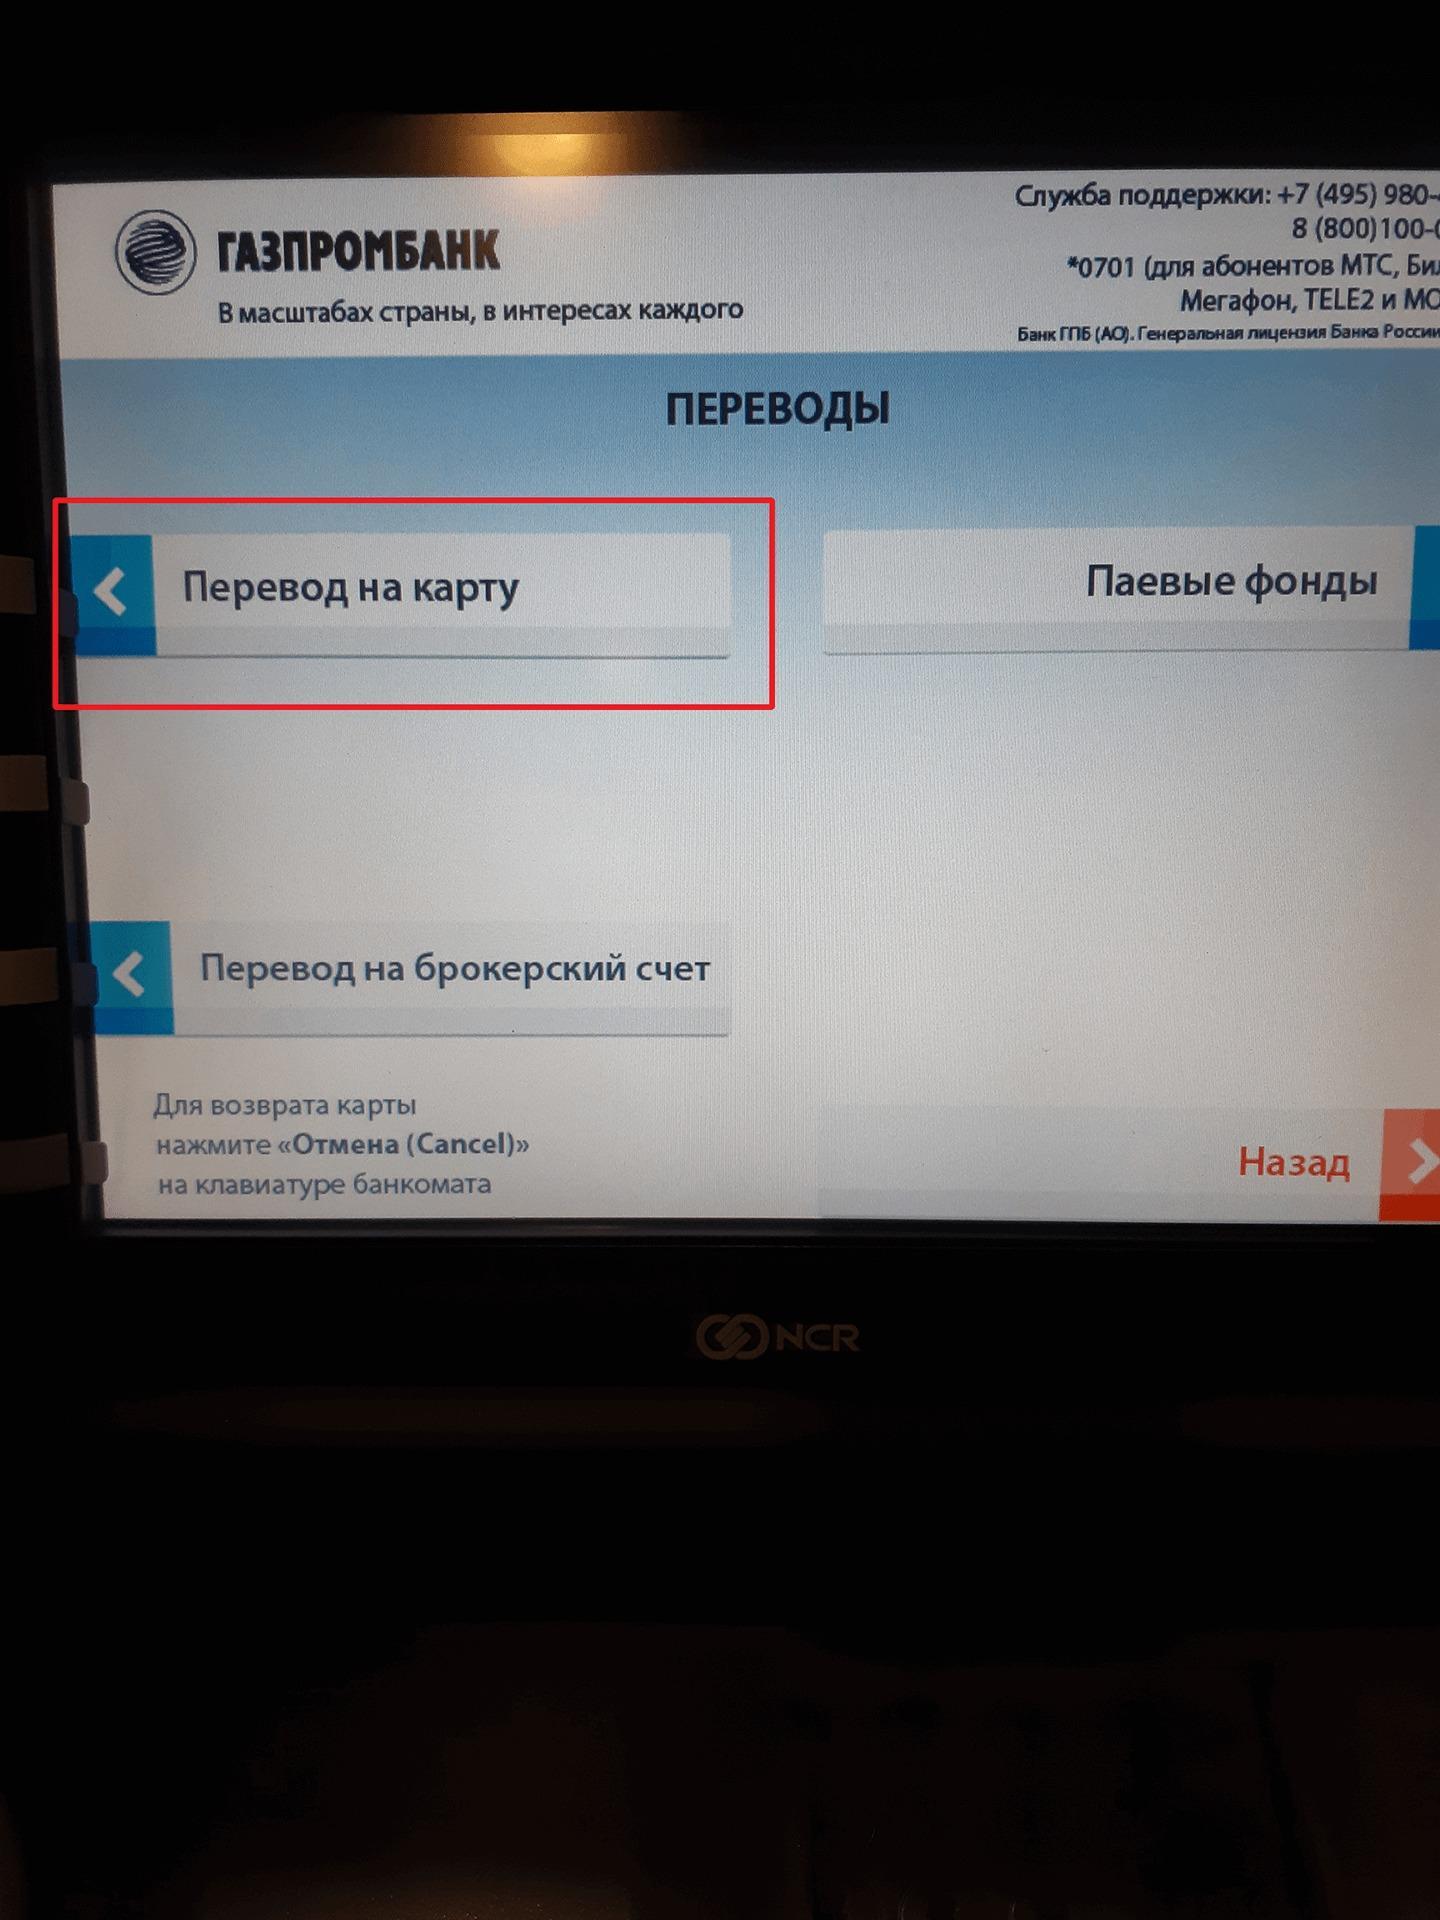 Перевод на карту ГПБ через банкомат шаг 3.2